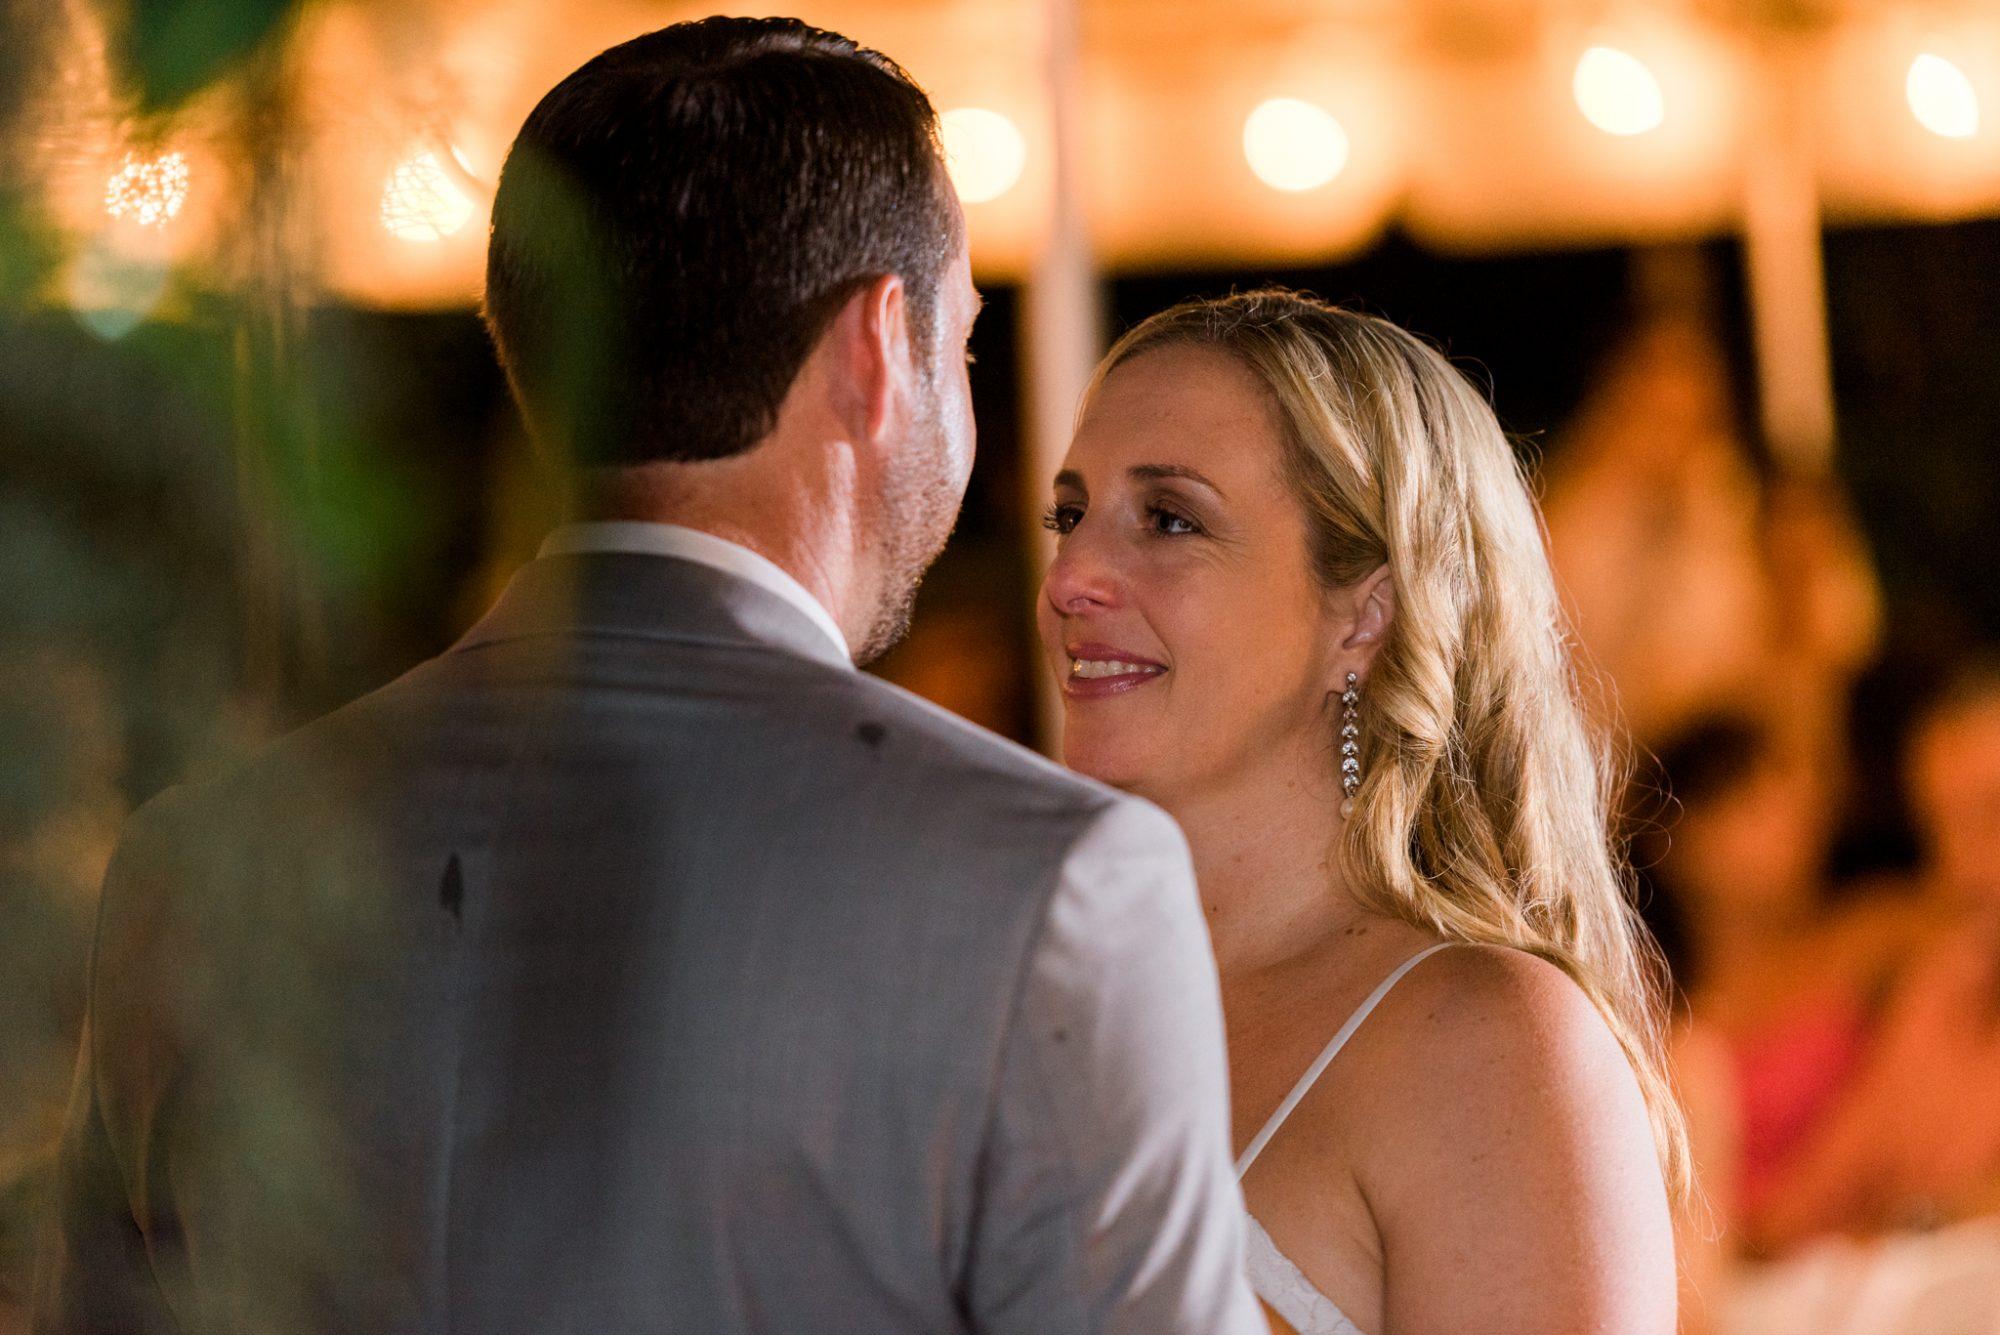 Colleen Jonathan Audubon House Wedding Key West 59 - Colleen & Jonathon | Audubon House and Gardens | Key West Wedding